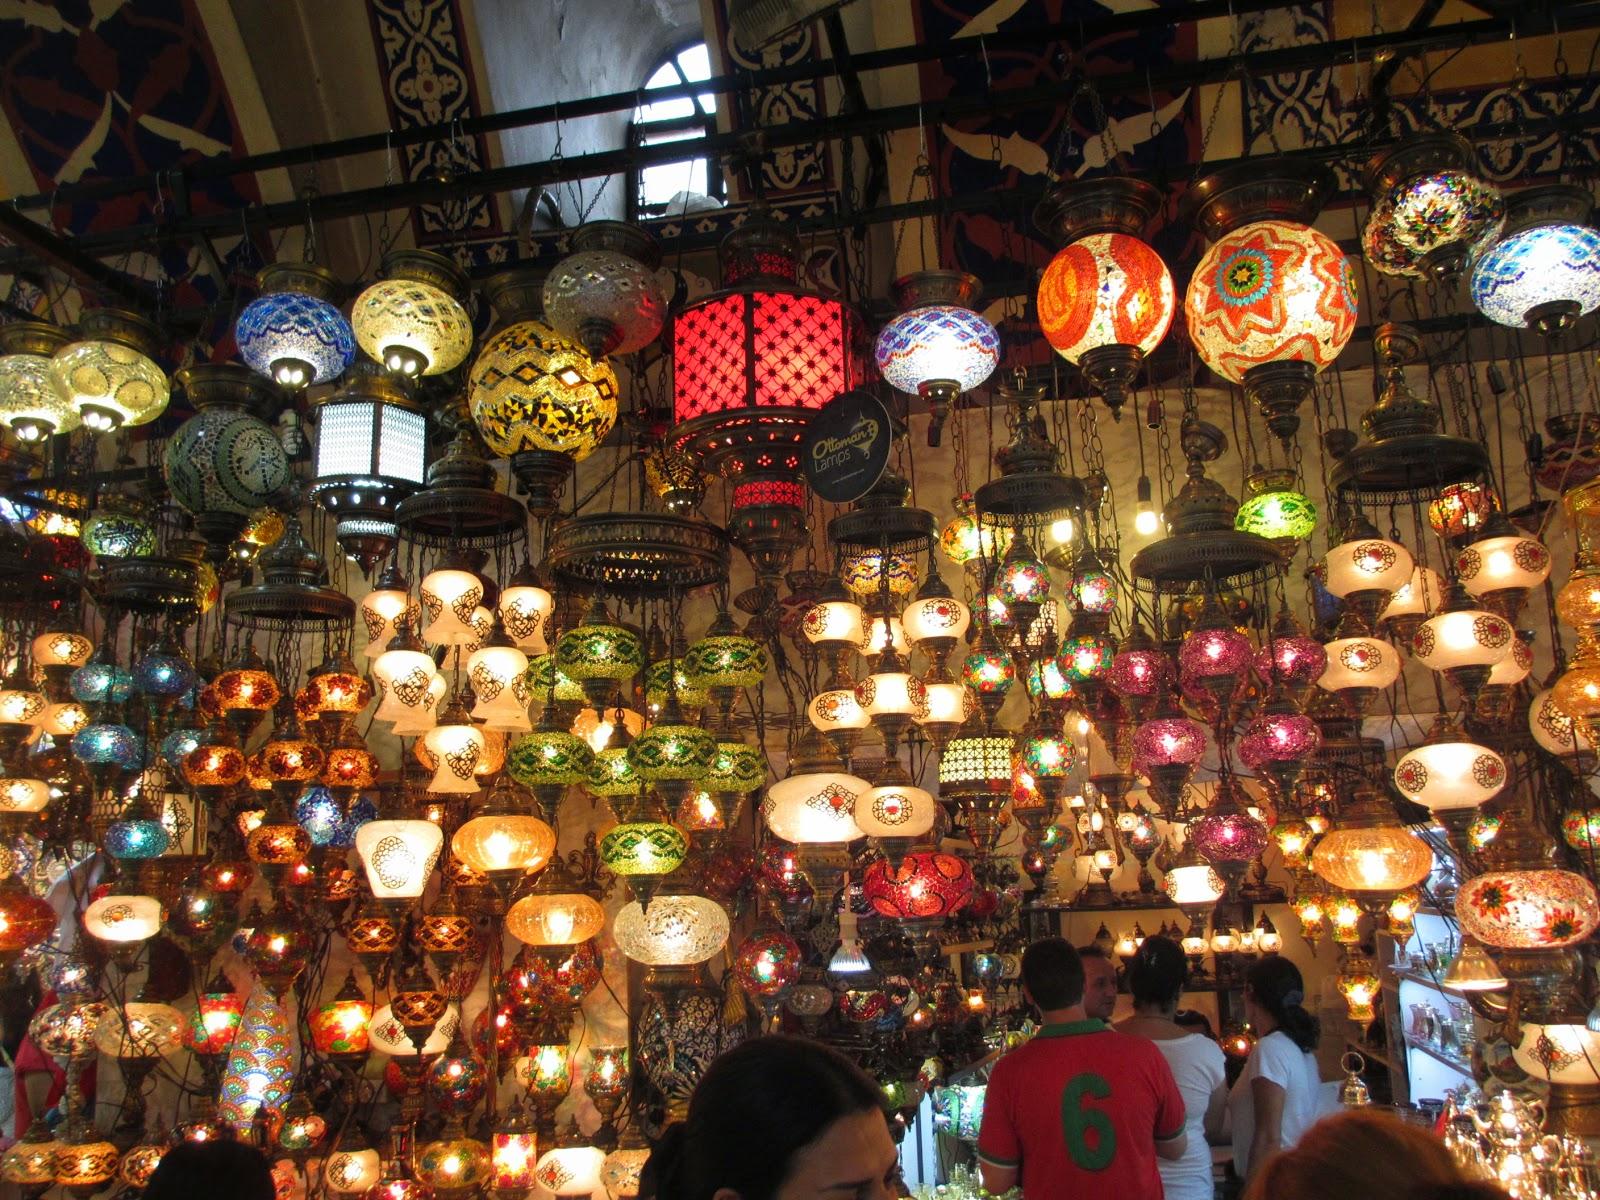 Travel Umroh Awal Desember 2014 Aman Nyaman dan Terpercaya